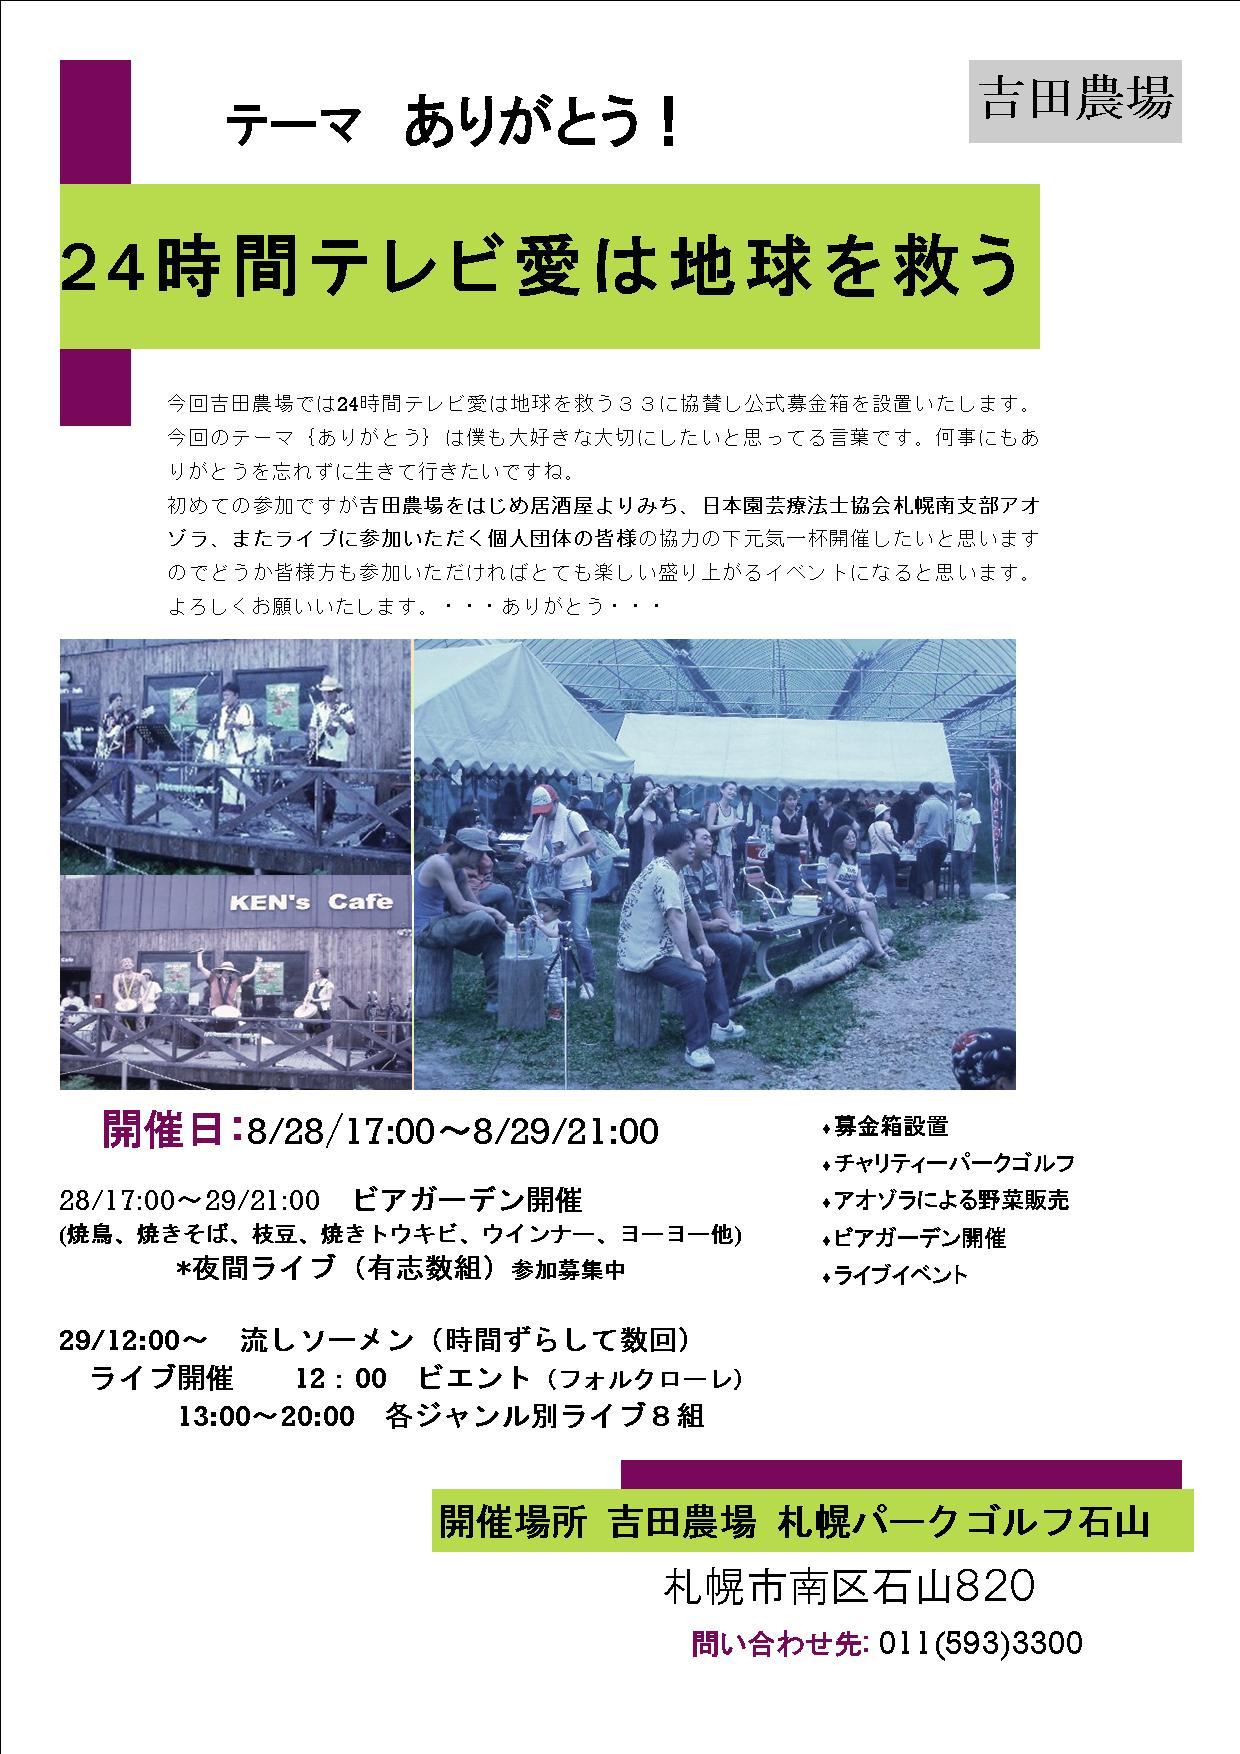 札幌南区吉田農場24時間テレビ